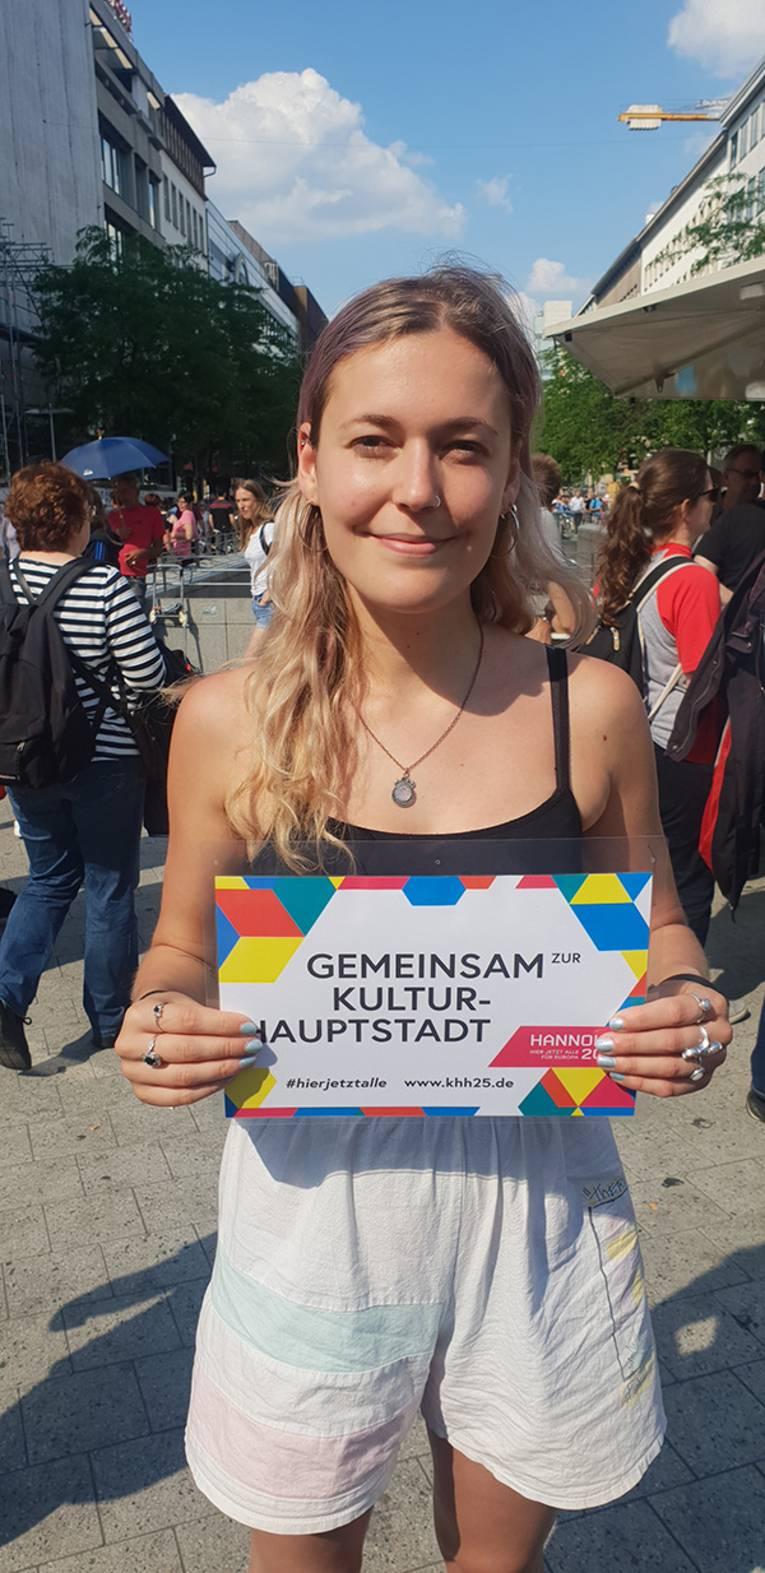 LUNA auf der Fête de la Musique unterstützt die Kulturhauptstadtbewerbung!